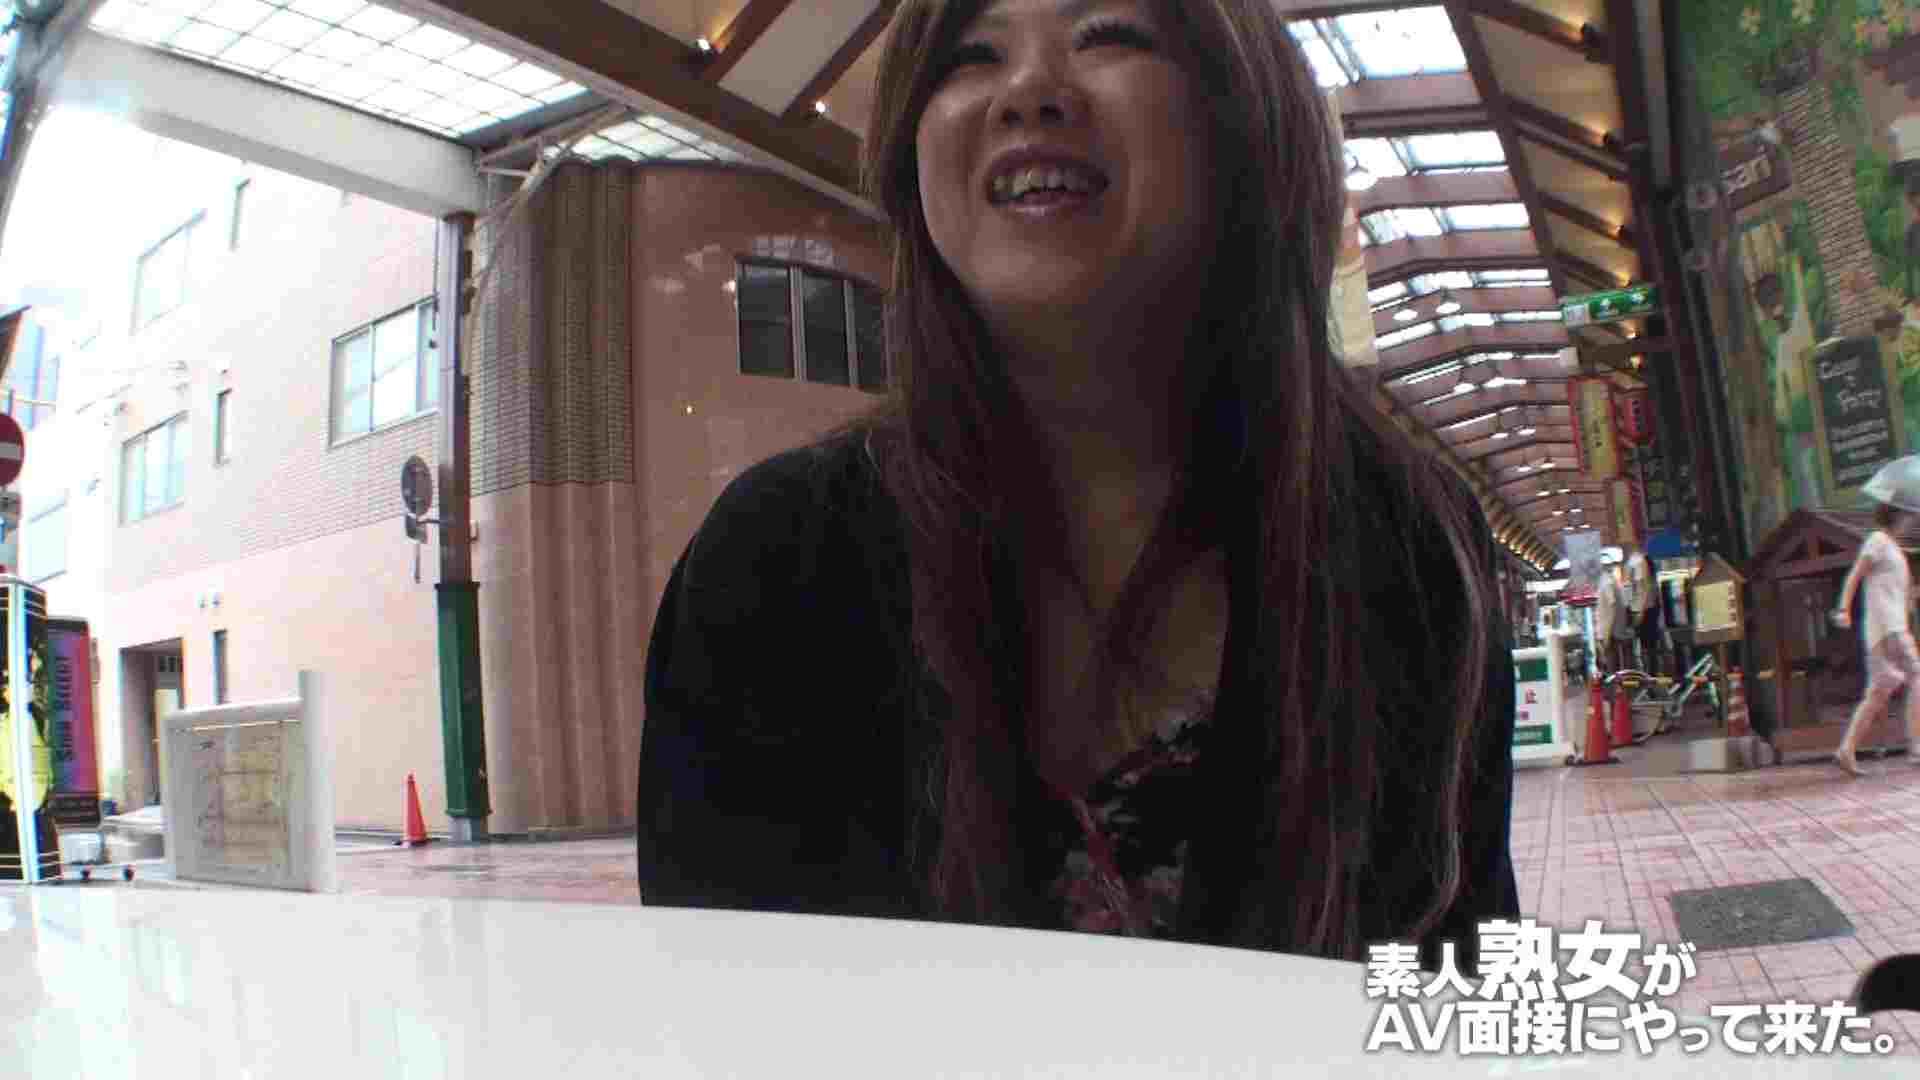 素人熟女がAV面接にやってきた (仮名)ゆかさんVOL.01 熟女 のぞき動画画像 71pic 43